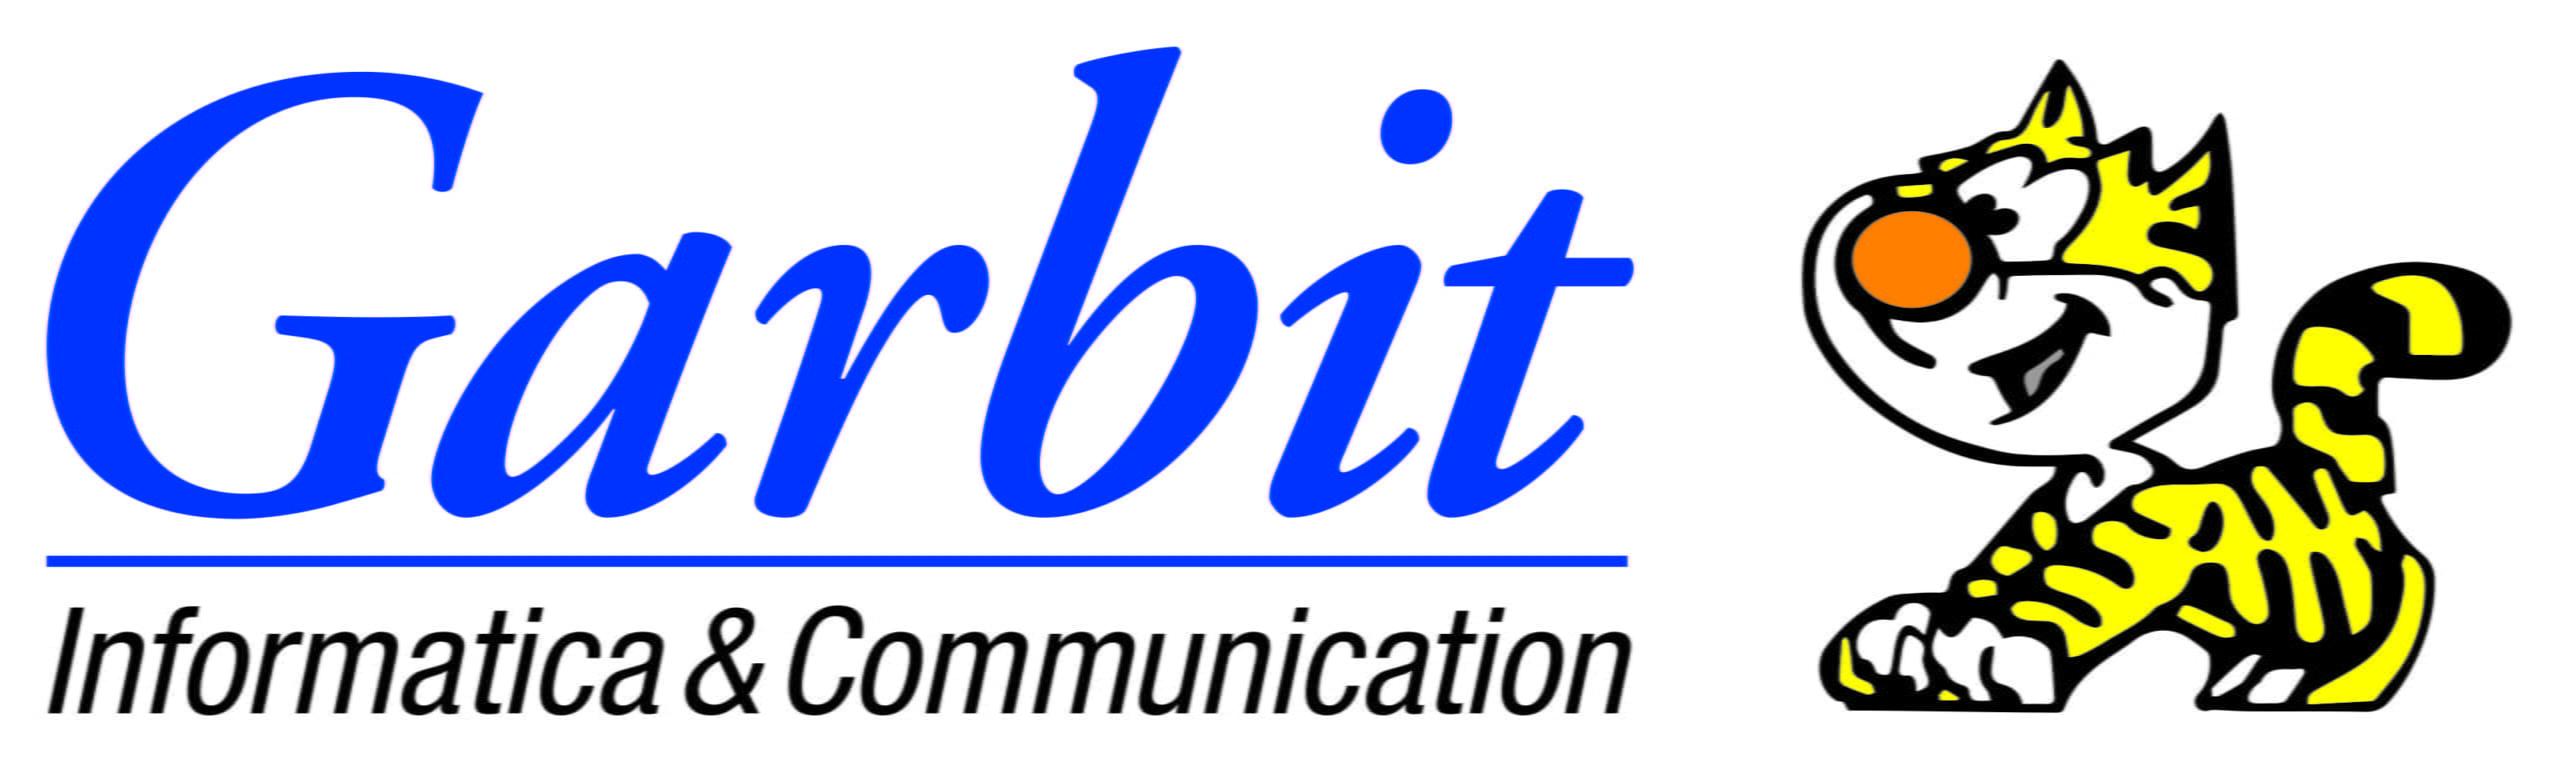 Garbit informatica e comunicazione